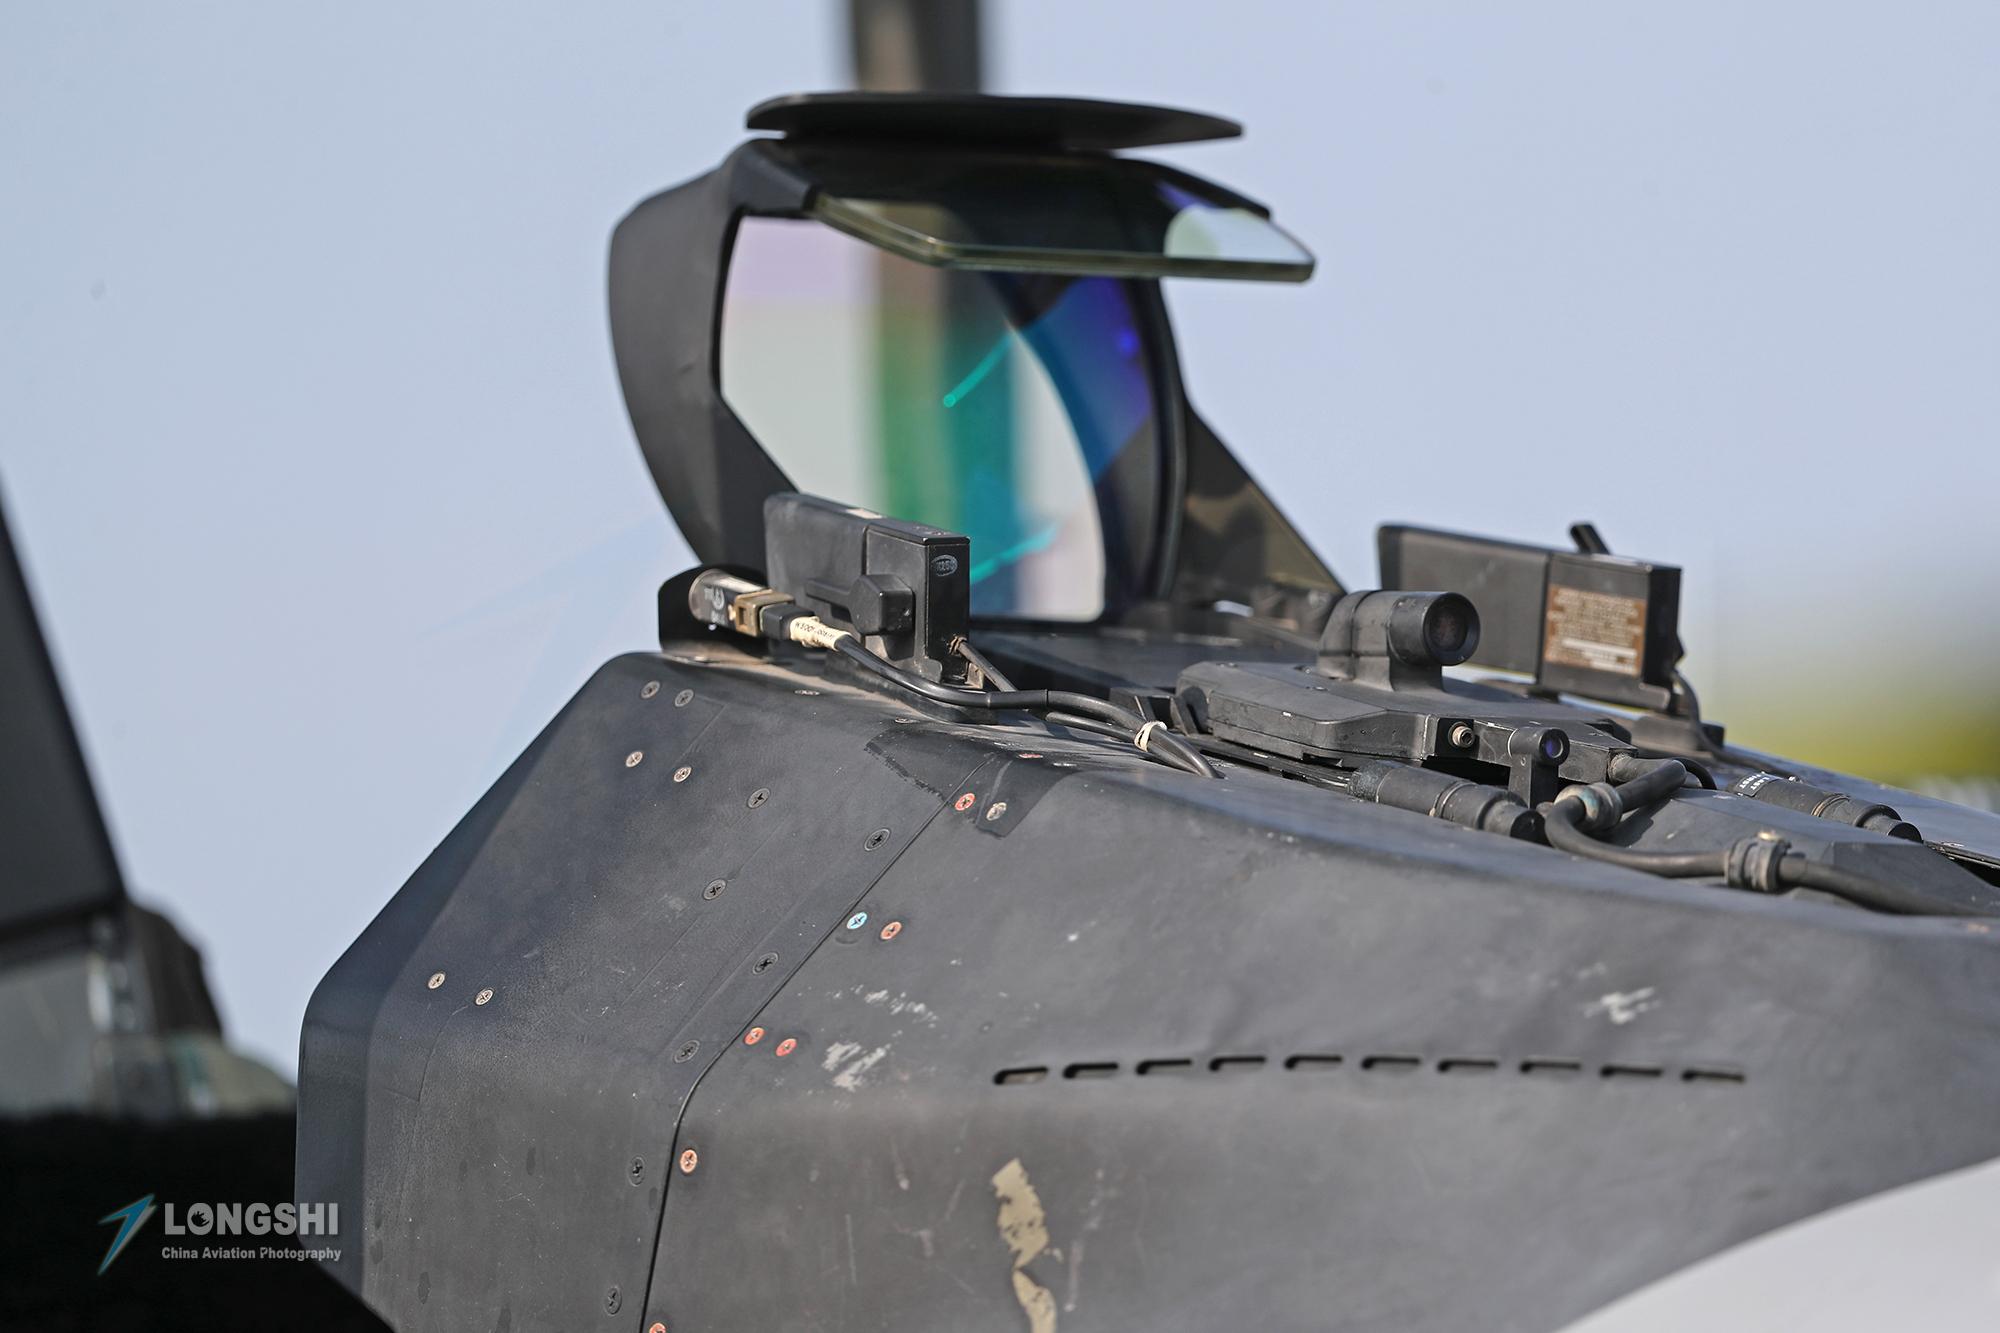 F-16战隼战斗机再怎么改还是个小身板,武器挂载能力不会有所提高